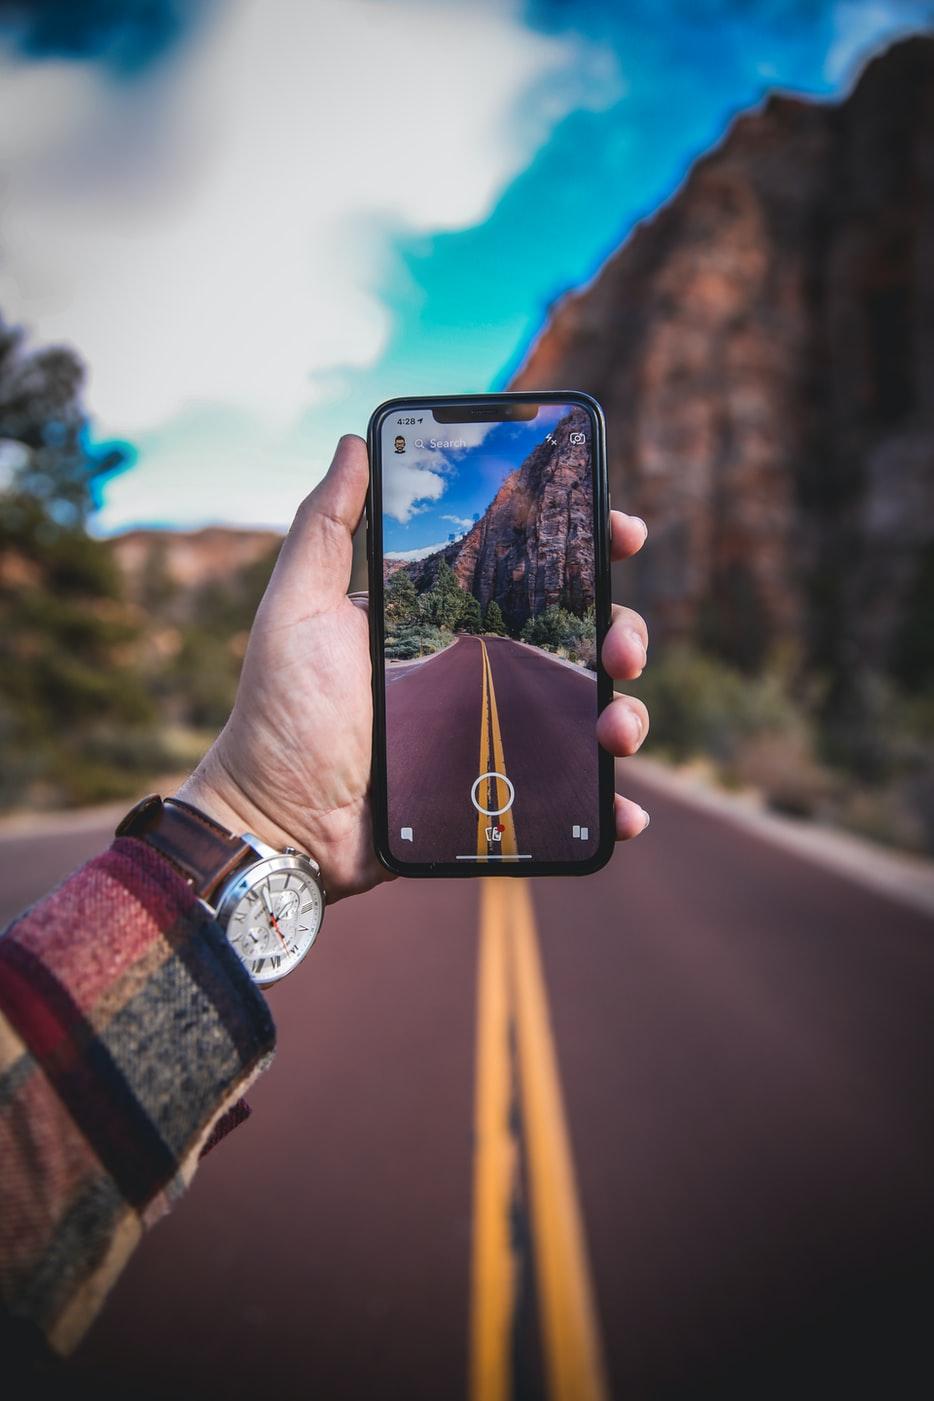 10x užitočné aplikácie na cestovanie